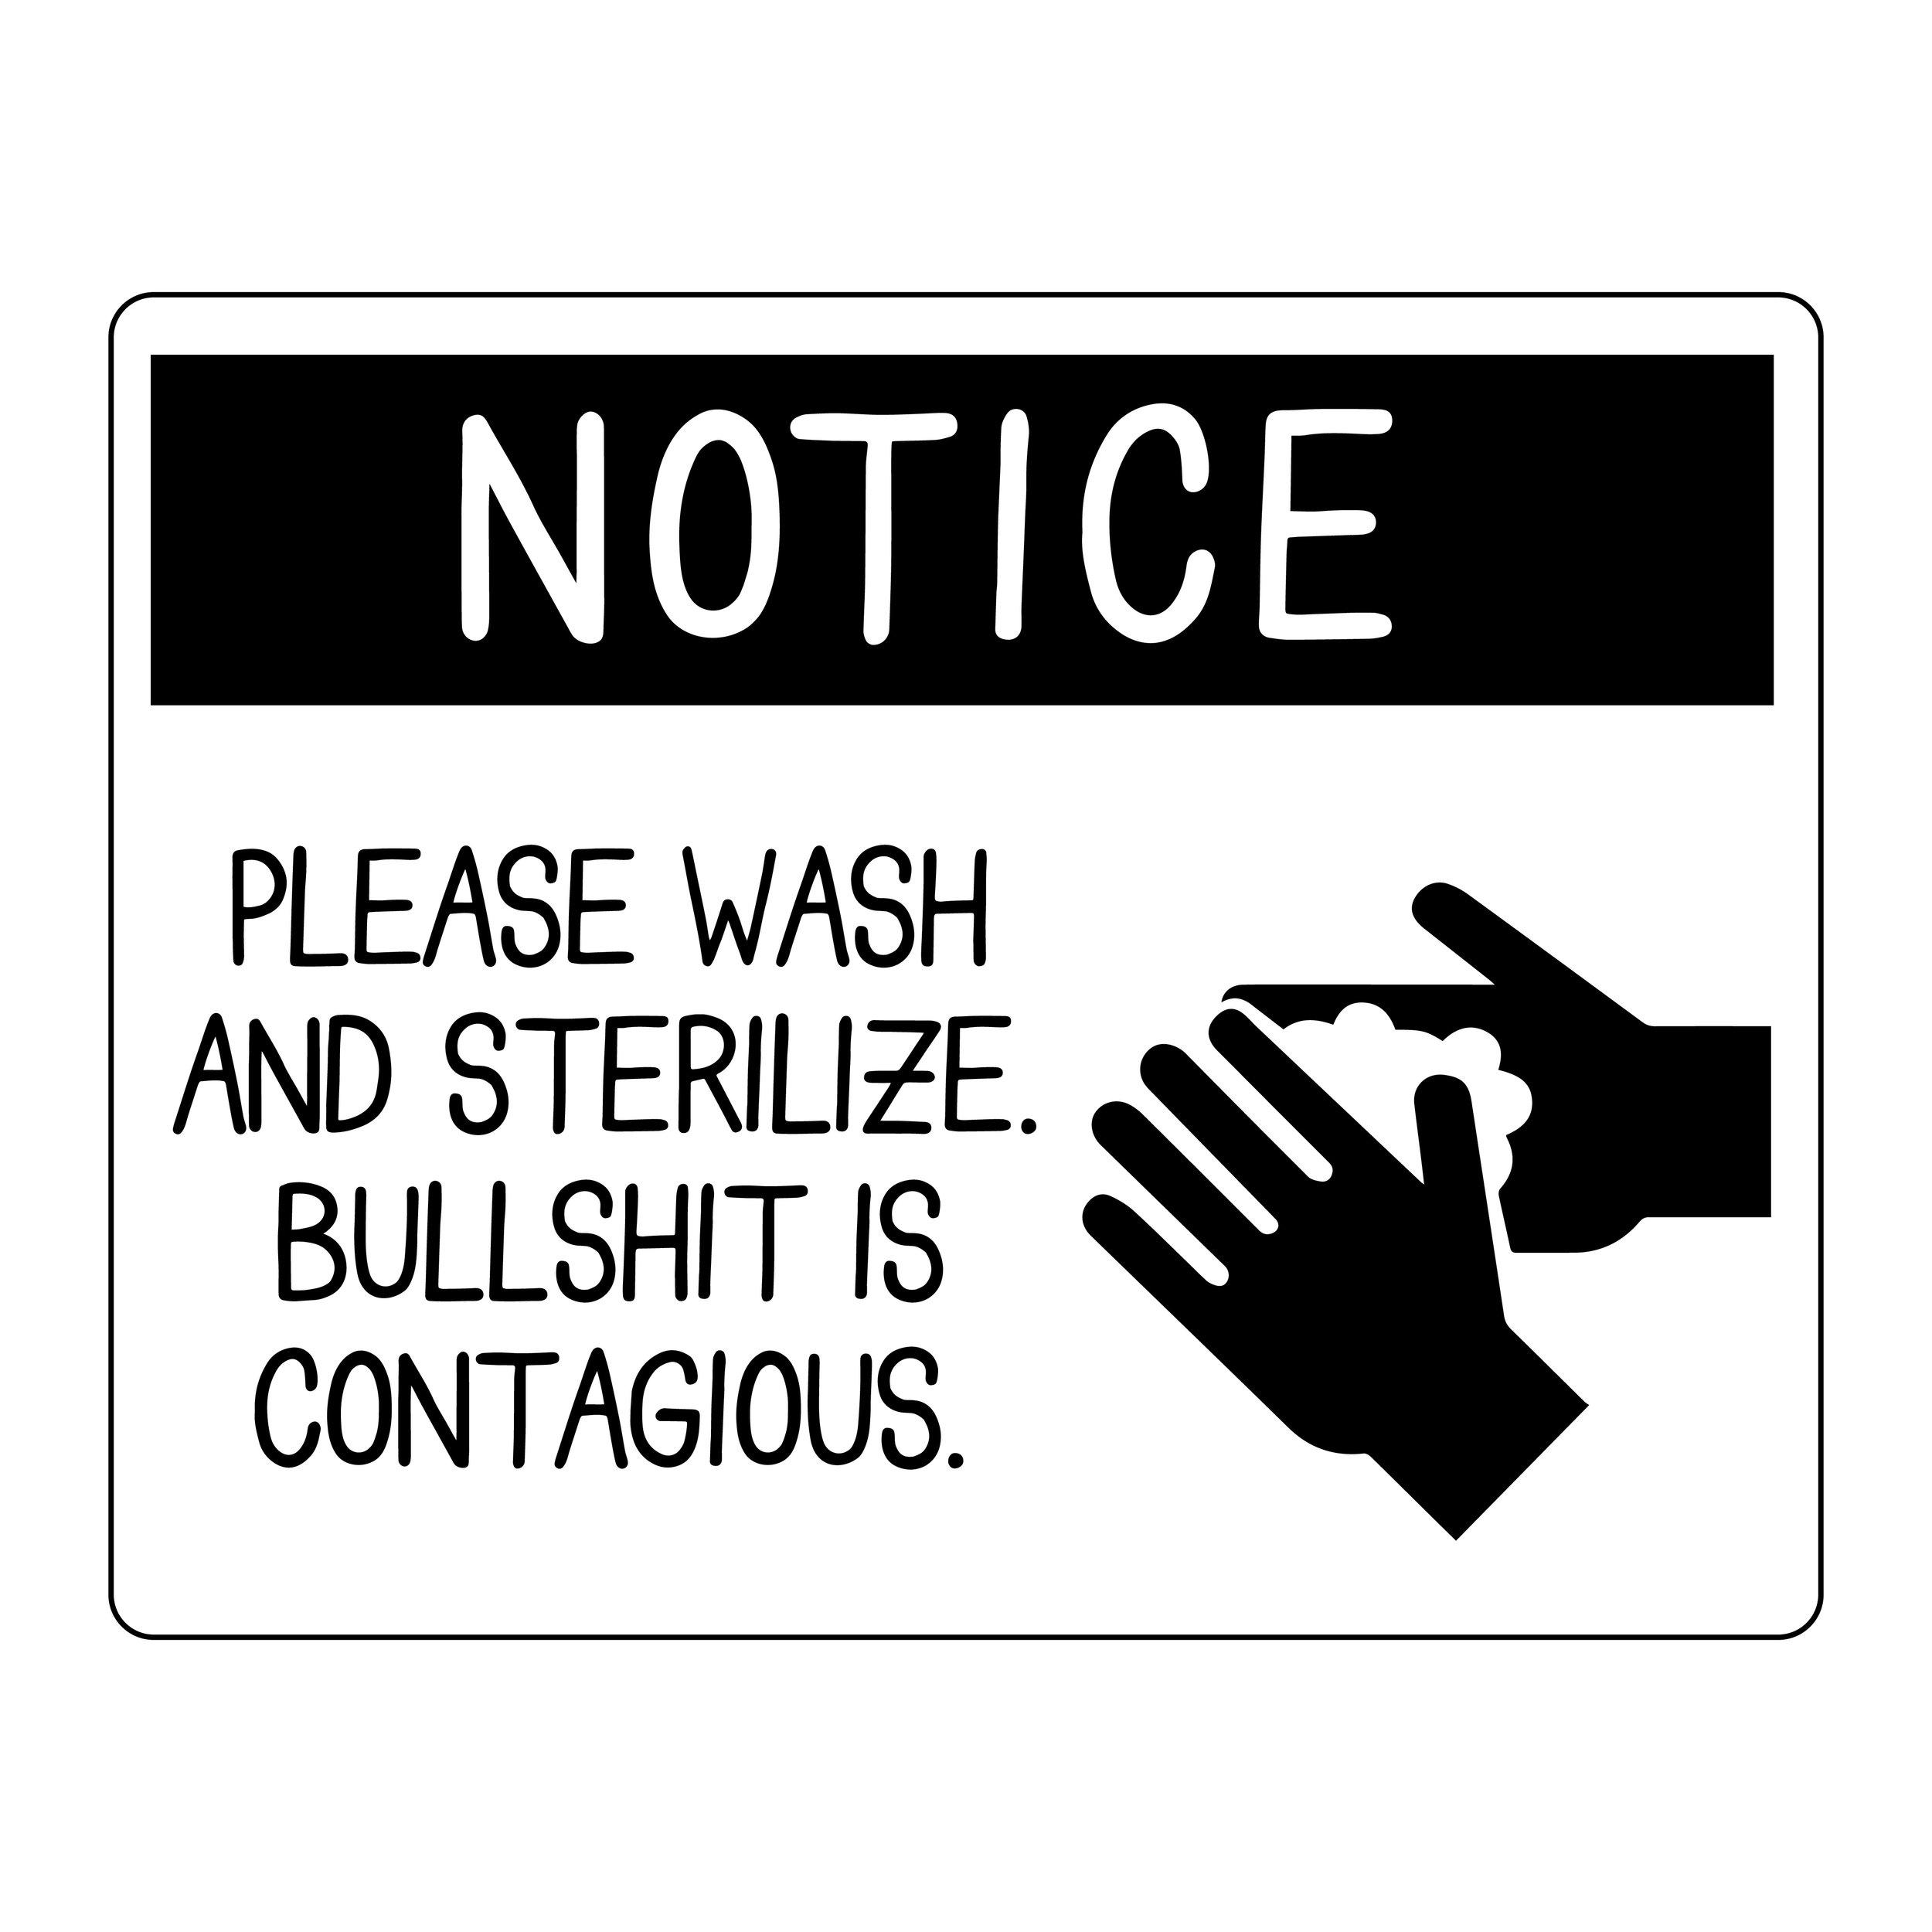 bullshitiscontagious-01.jpg